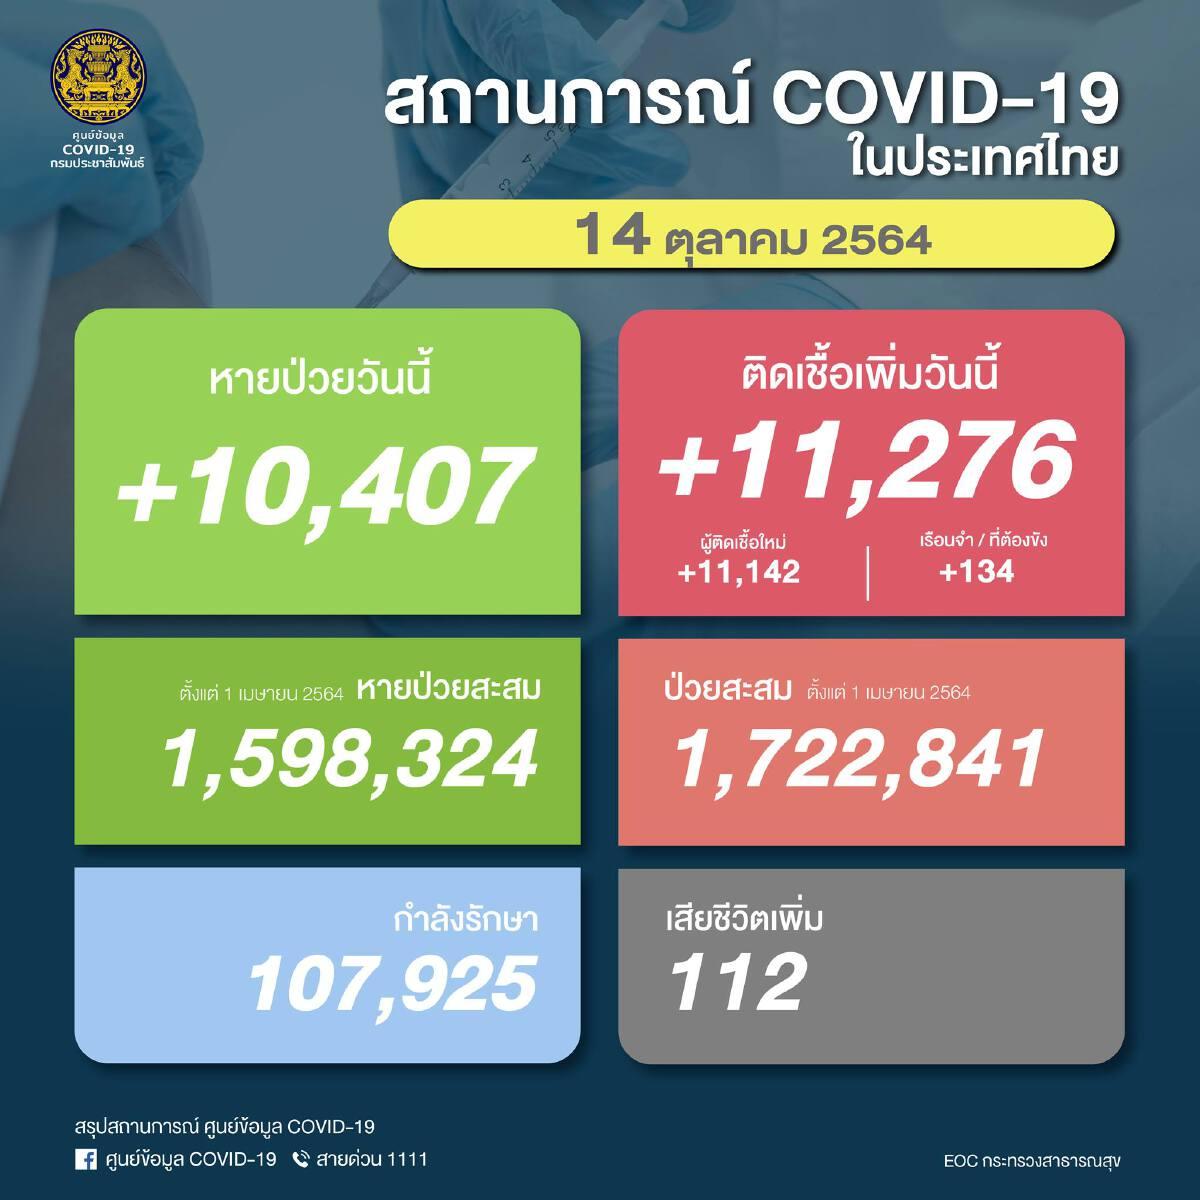 """ด่วน """"โควิดวันนี้"""" เสียชีวิตพุ่งอีก 112 ราย ติดเชื้อใหม่ยังแตะหมื่น 11,276"""